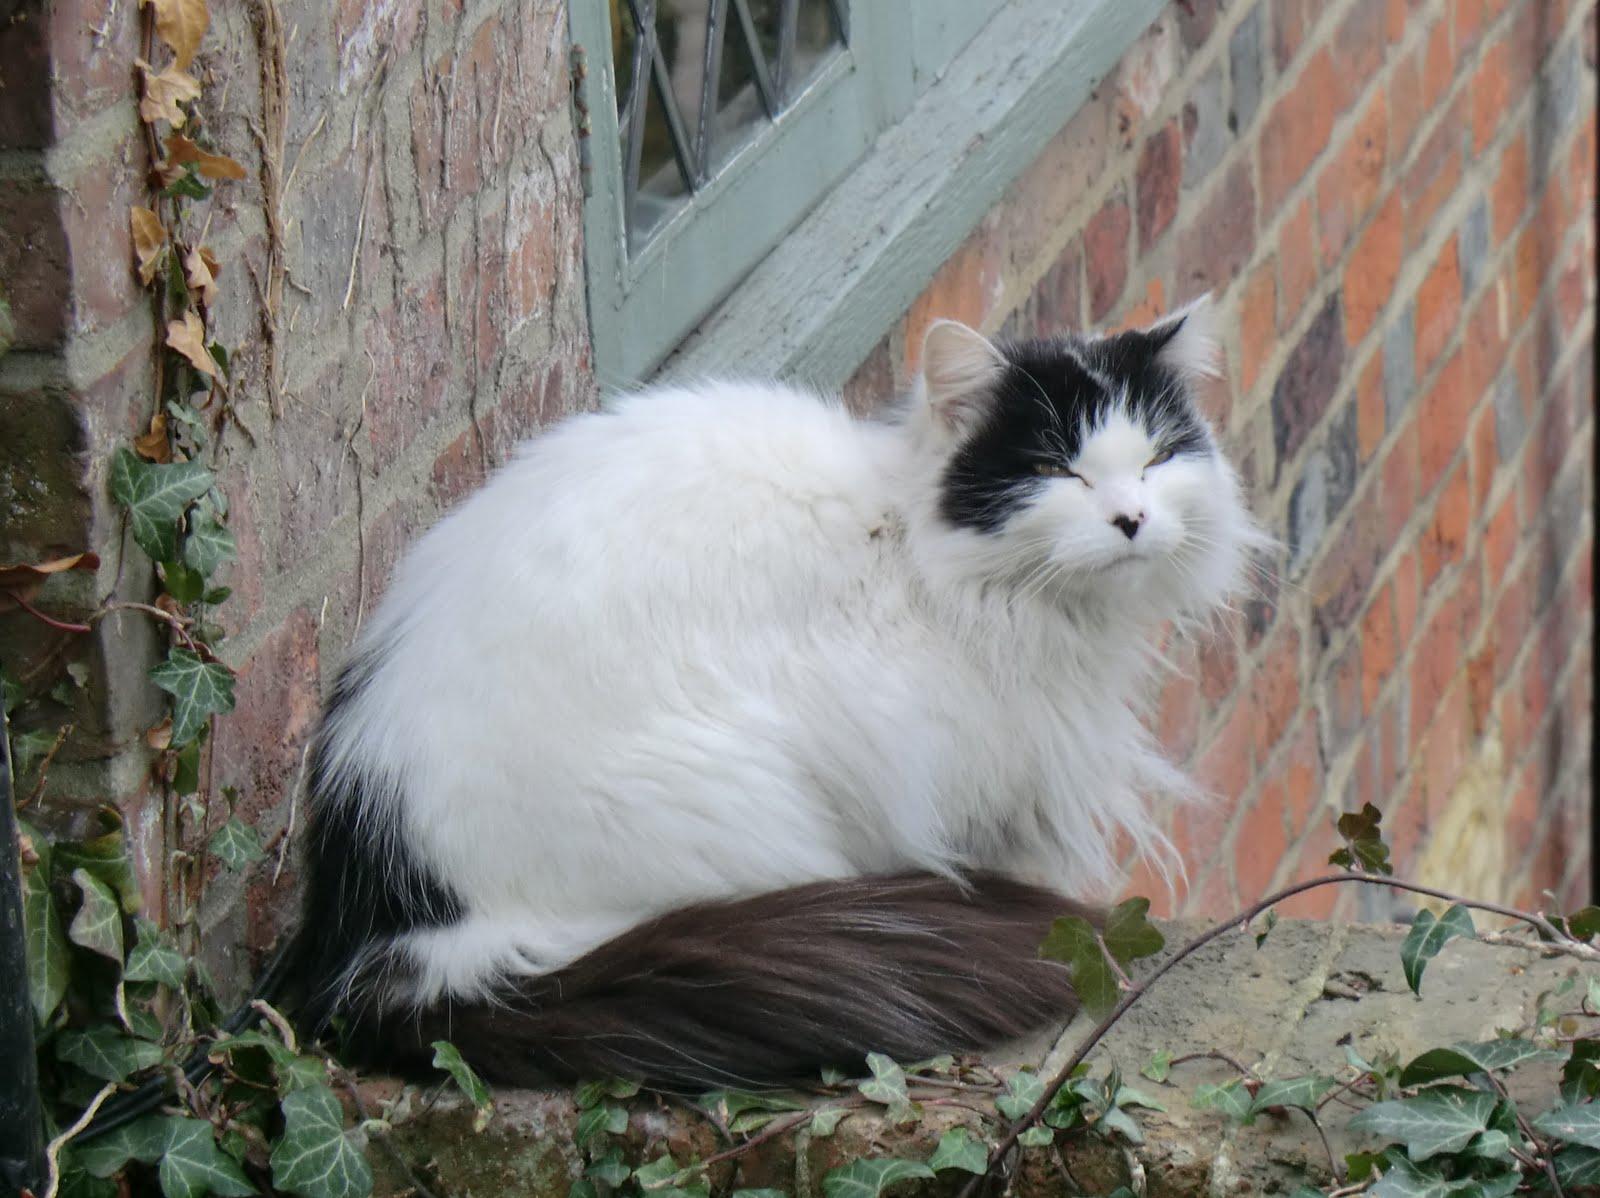 CIMG2478 Contented cat at Groombridge